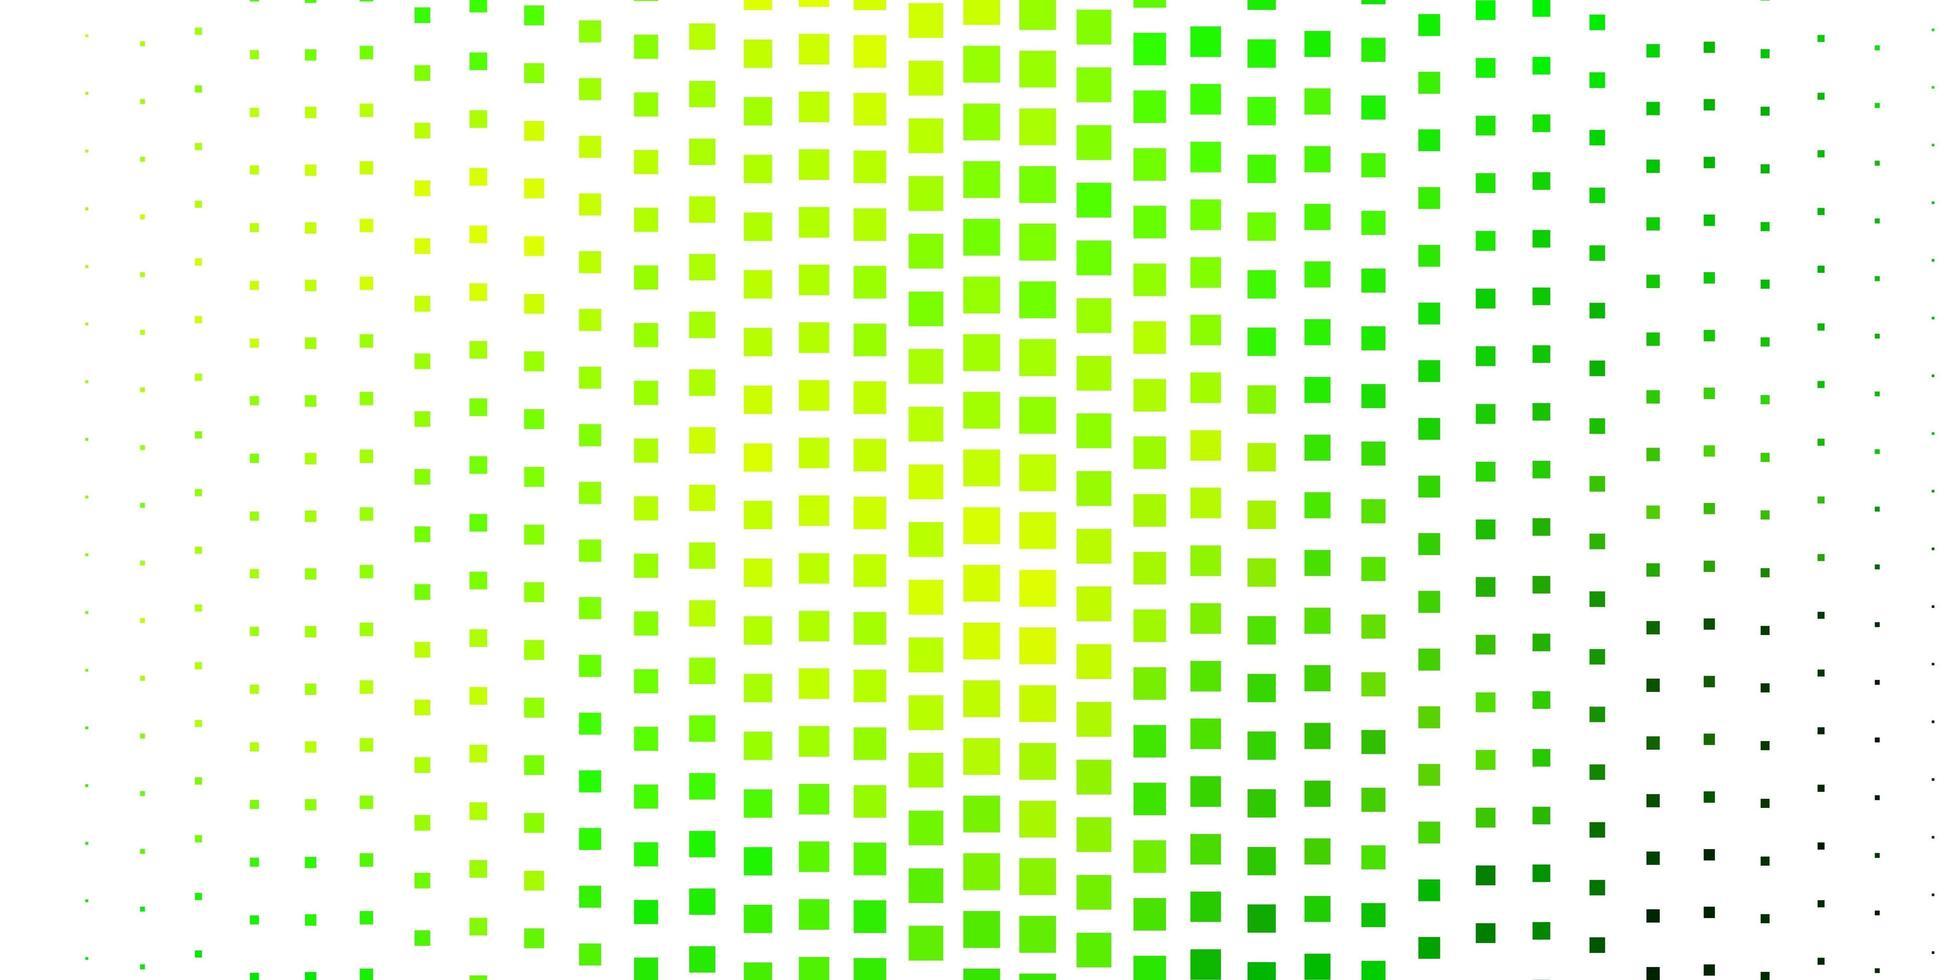 ljusgrön, gul vektorstruktur i rektangulär stil. vektor